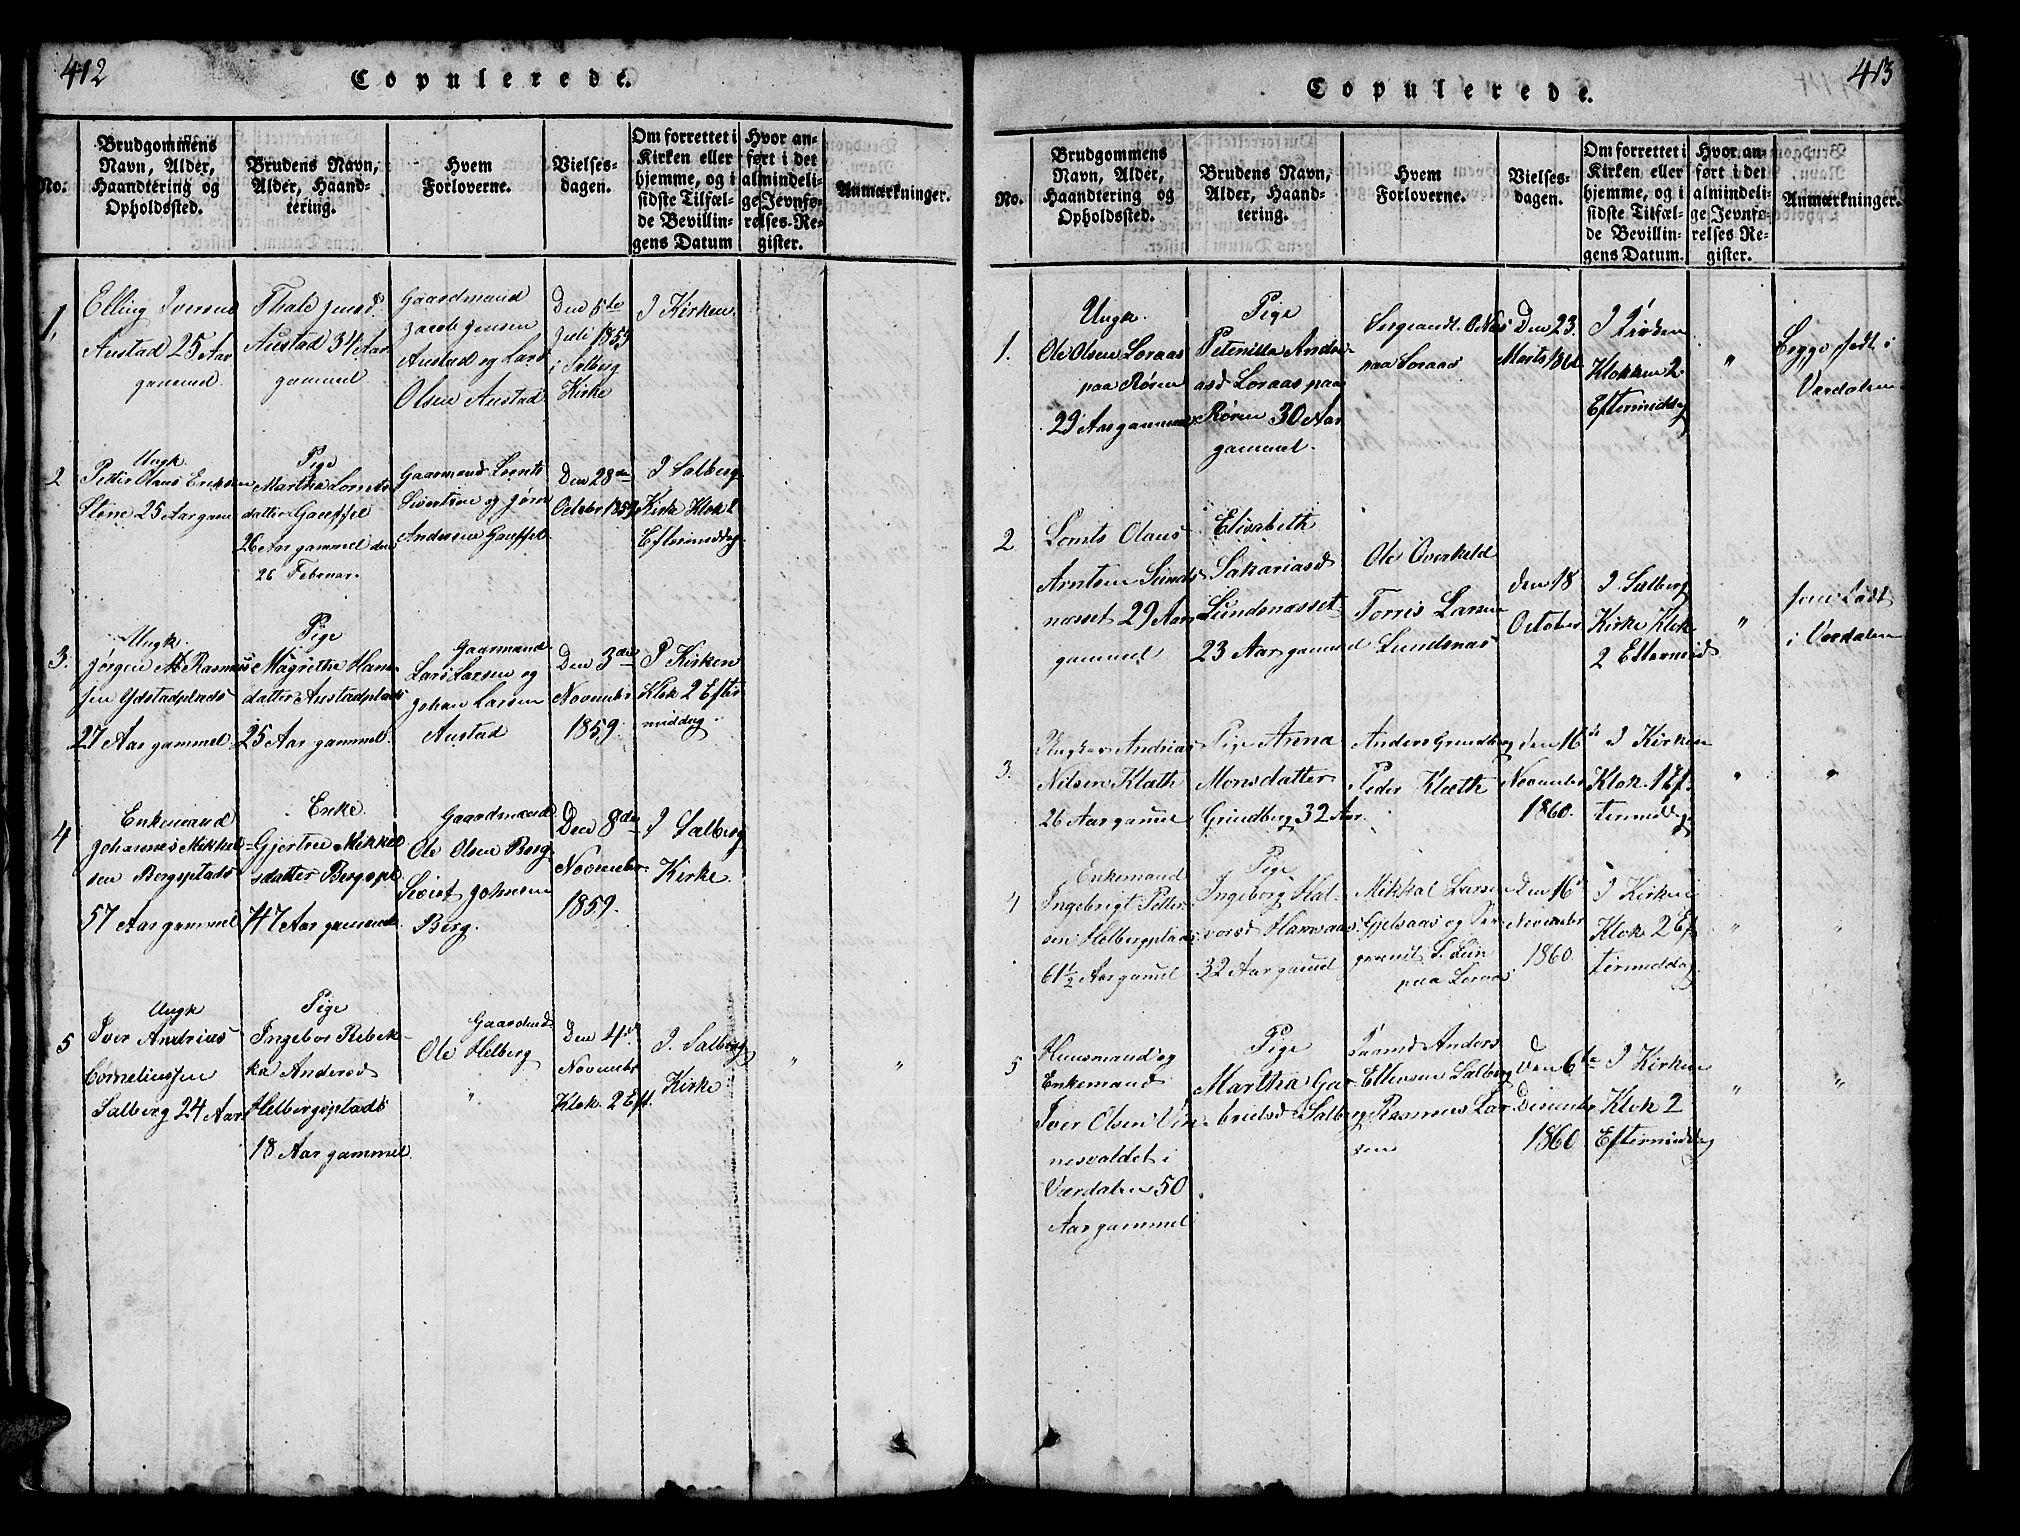 SAT, Ministerialprotokoller, klokkerbøker og fødselsregistre - Nord-Trøndelag, 731/L0310: Klokkerbok nr. 731C01, 1816-1874, s. 412-413